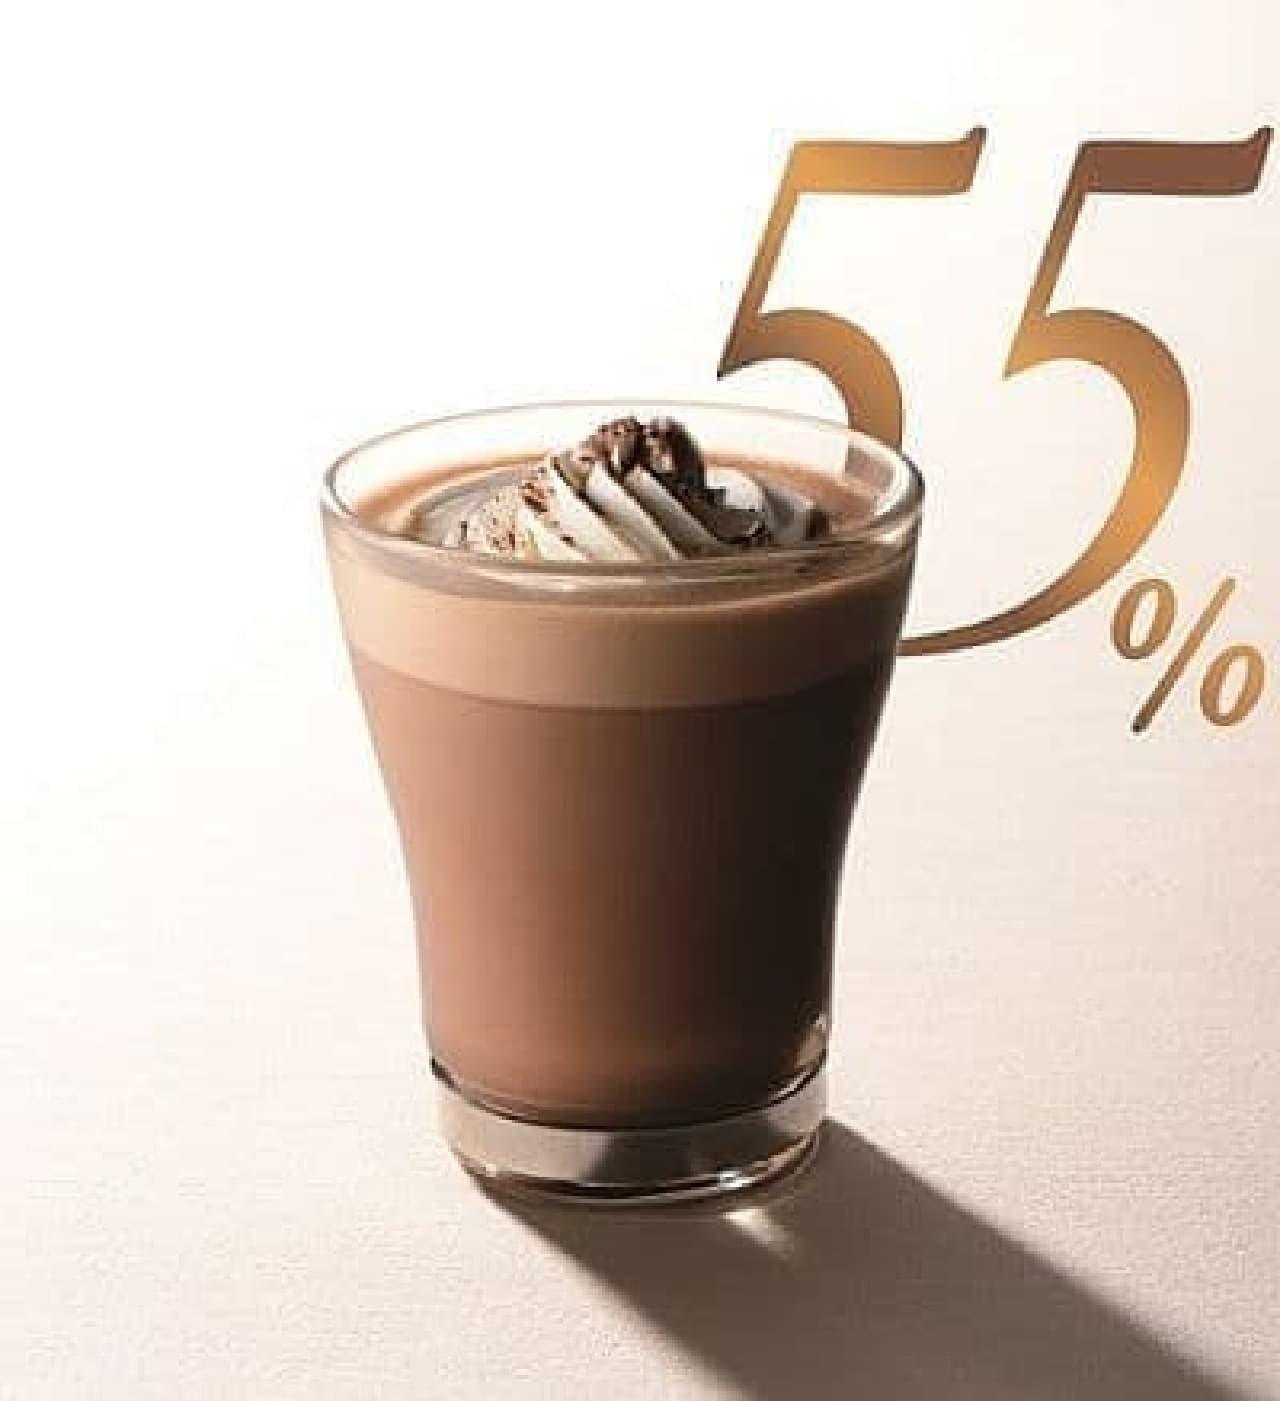 カフェ・ド・クリエ「カカオ55%」